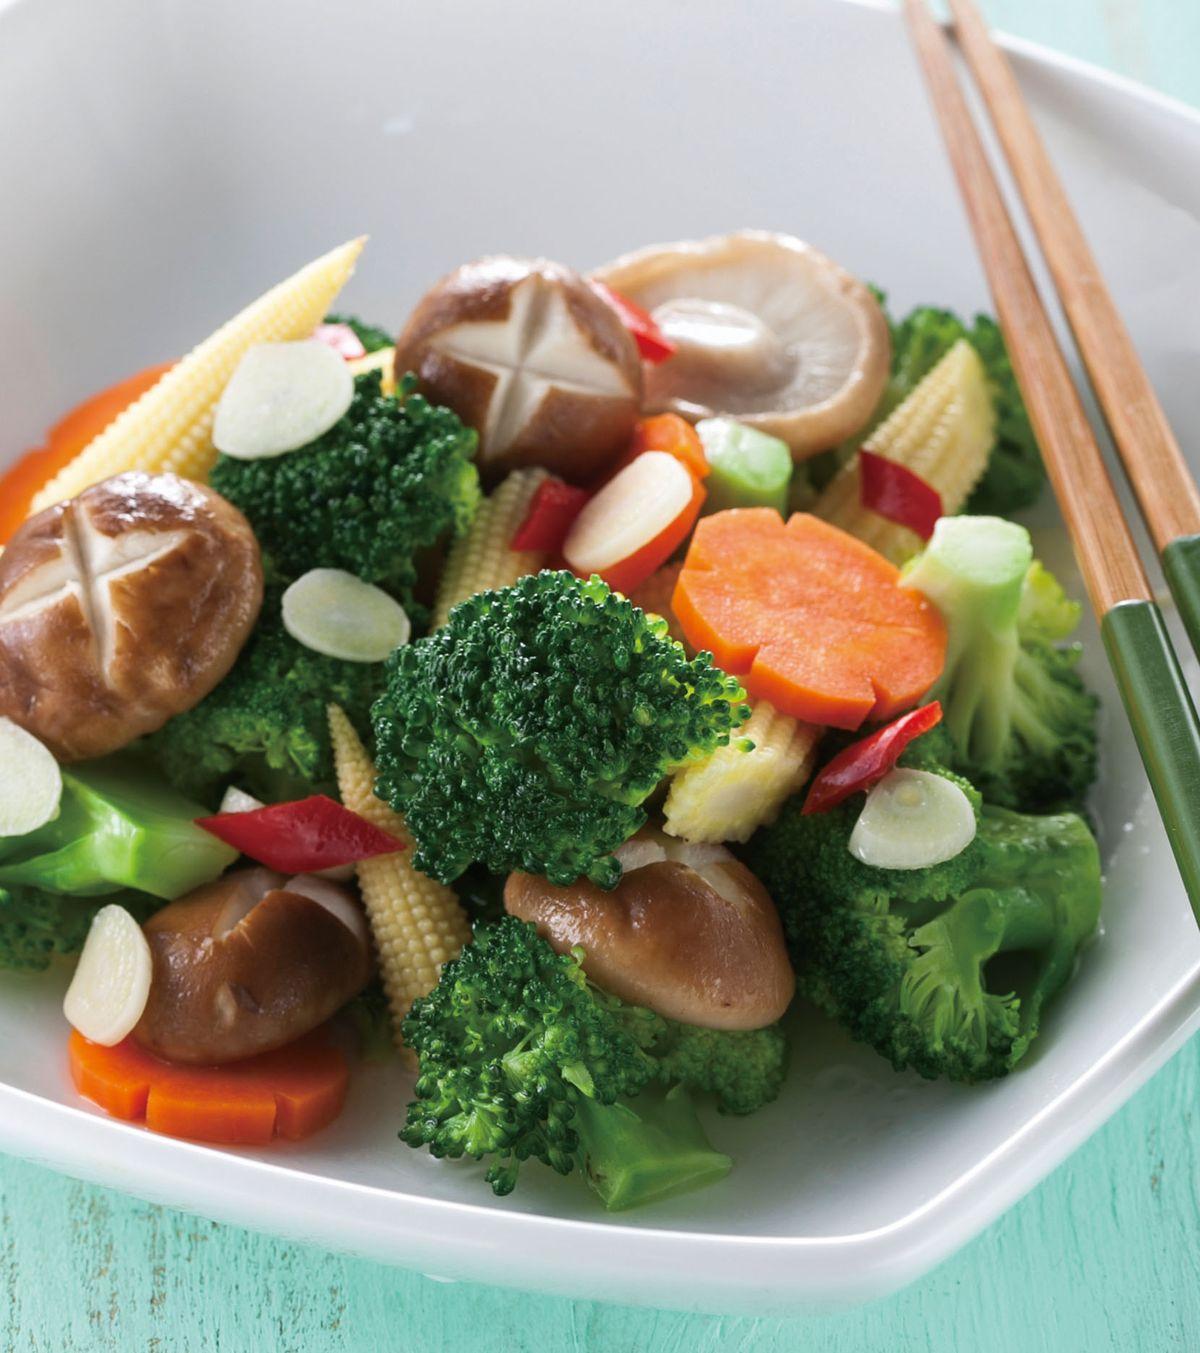 食譜:鮮香菇拌花椰菜